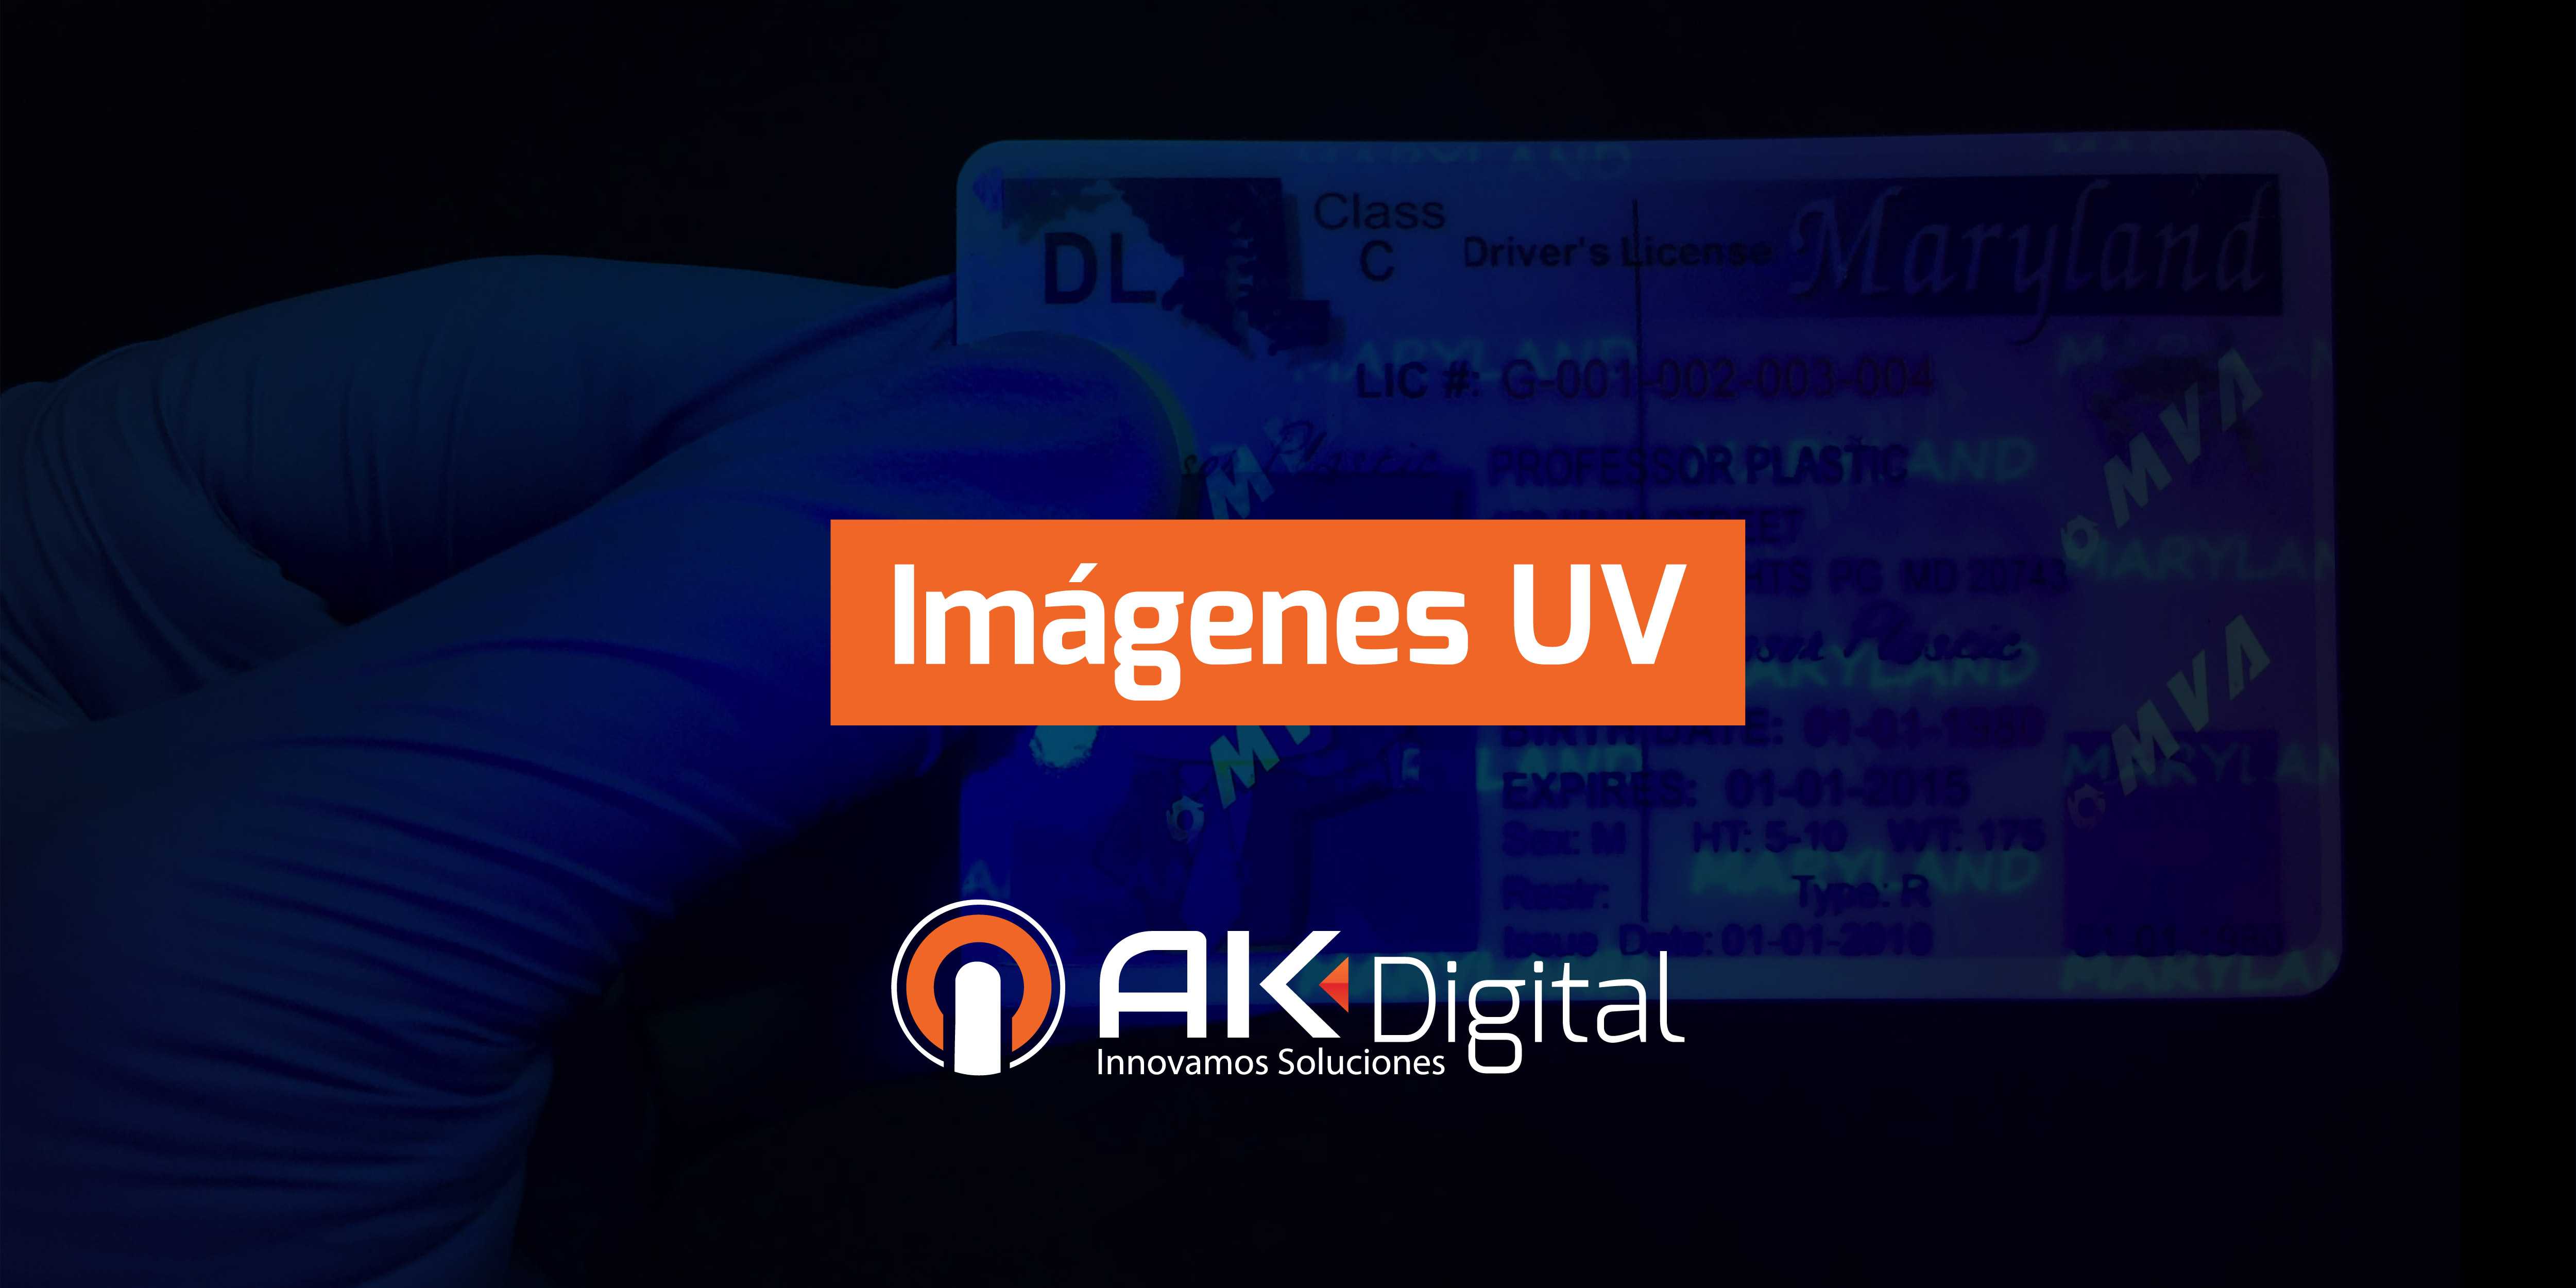 Imágenes UV: seguridad potente a bajo costo para su tarjeta de identificación